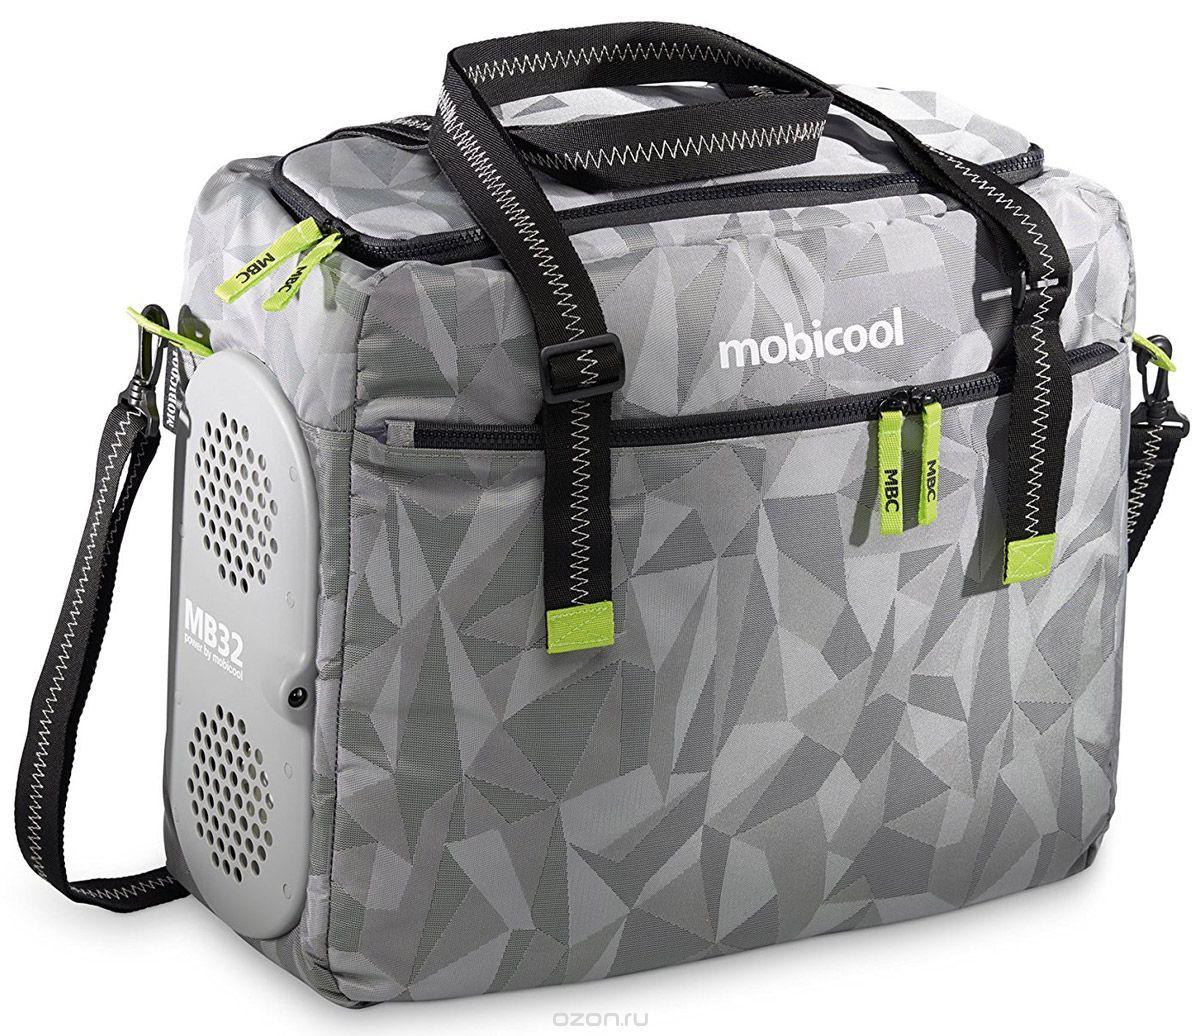 Фото - Сумка-холодильник Mobicool MB32 Power DC авто